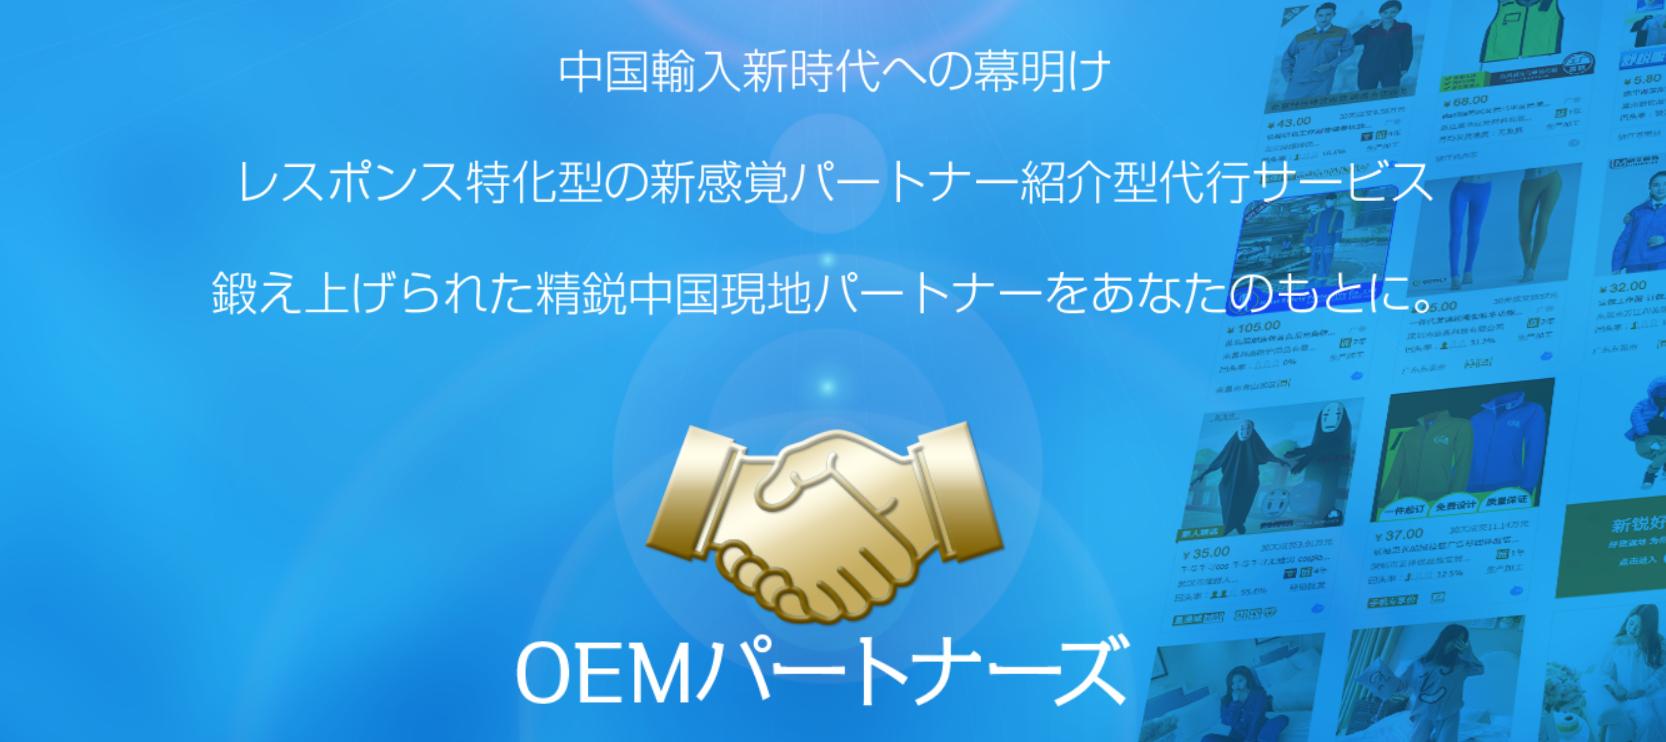 中国輸入代行会社「OEMパートナーズ」